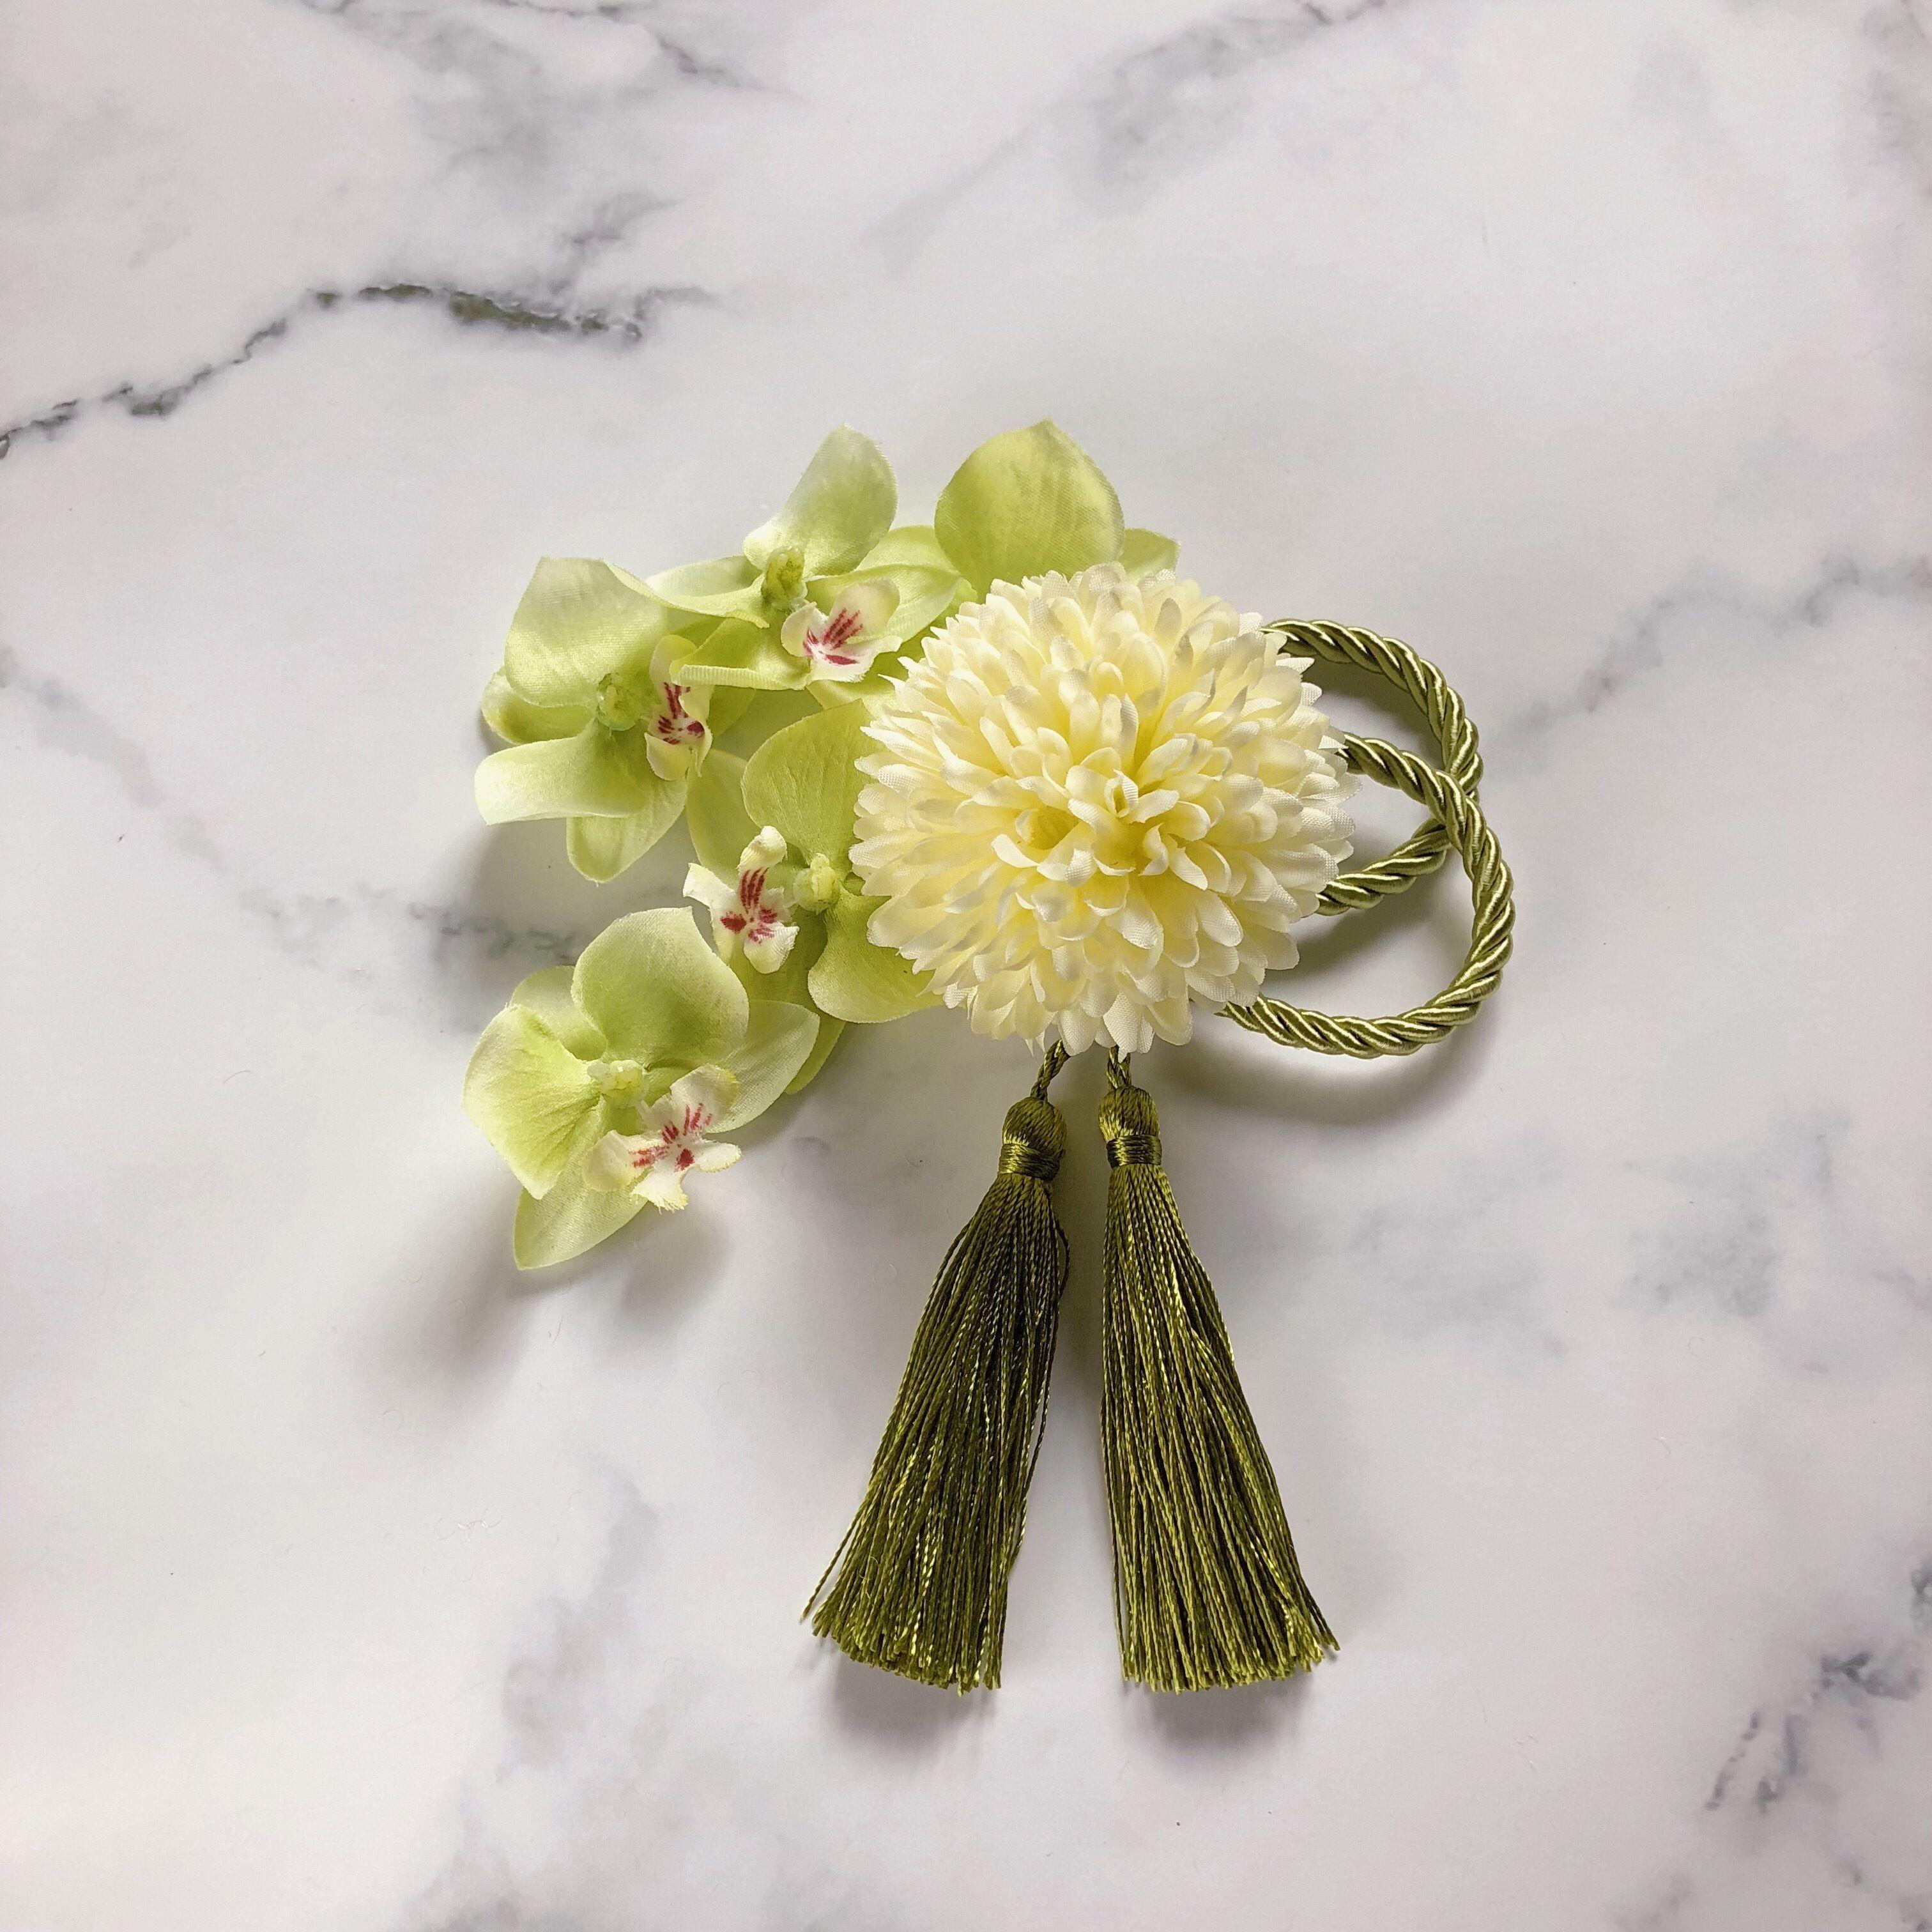 ピンポンマム 胡蝶蘭 セット タッセル付き